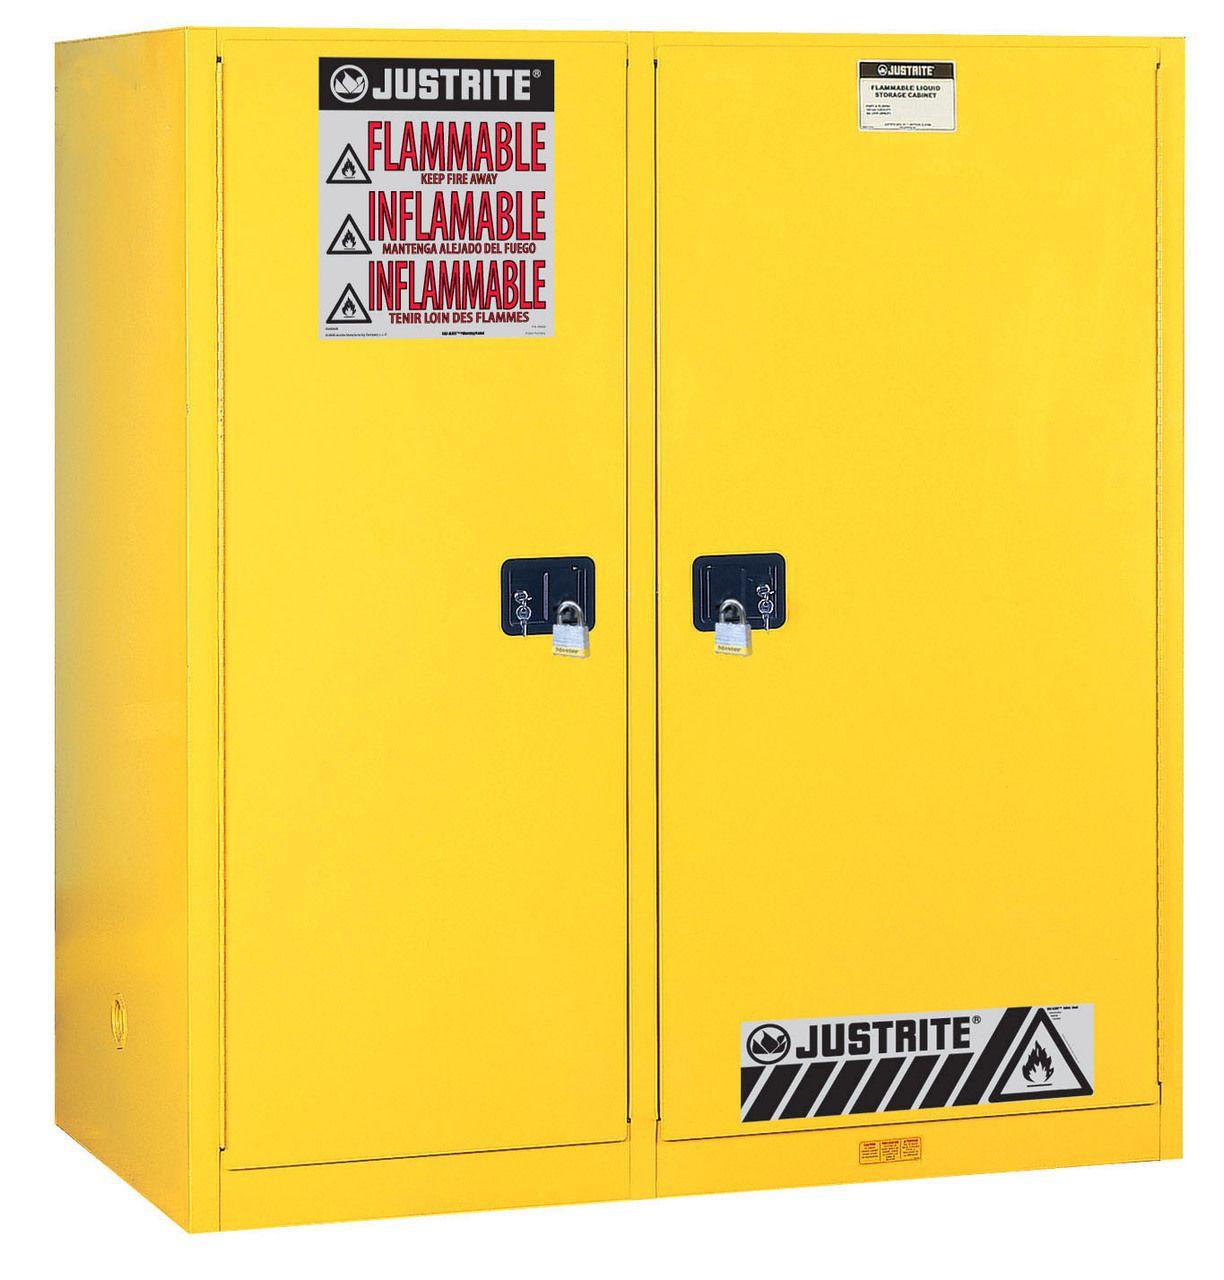 Justrite 899270 doubleduty drum safety